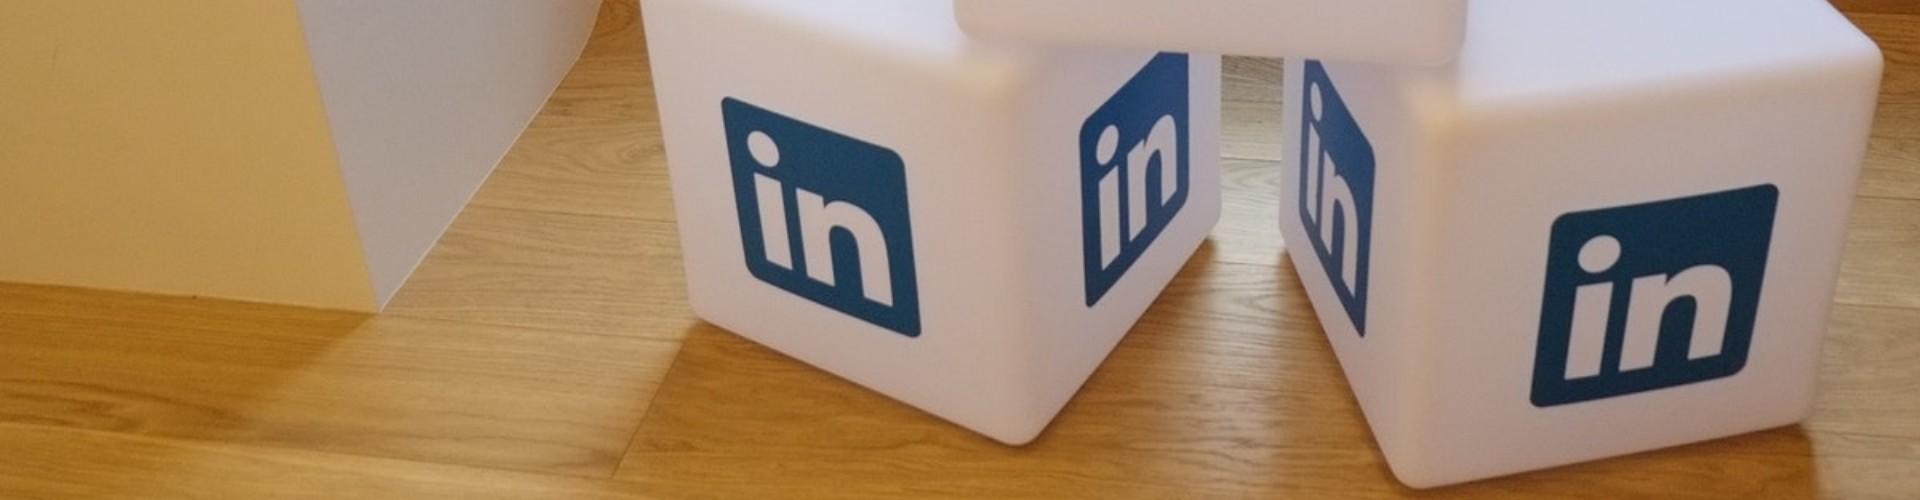 Personal branding na LinkedInie i nie tylko: eksperckie wskazówki